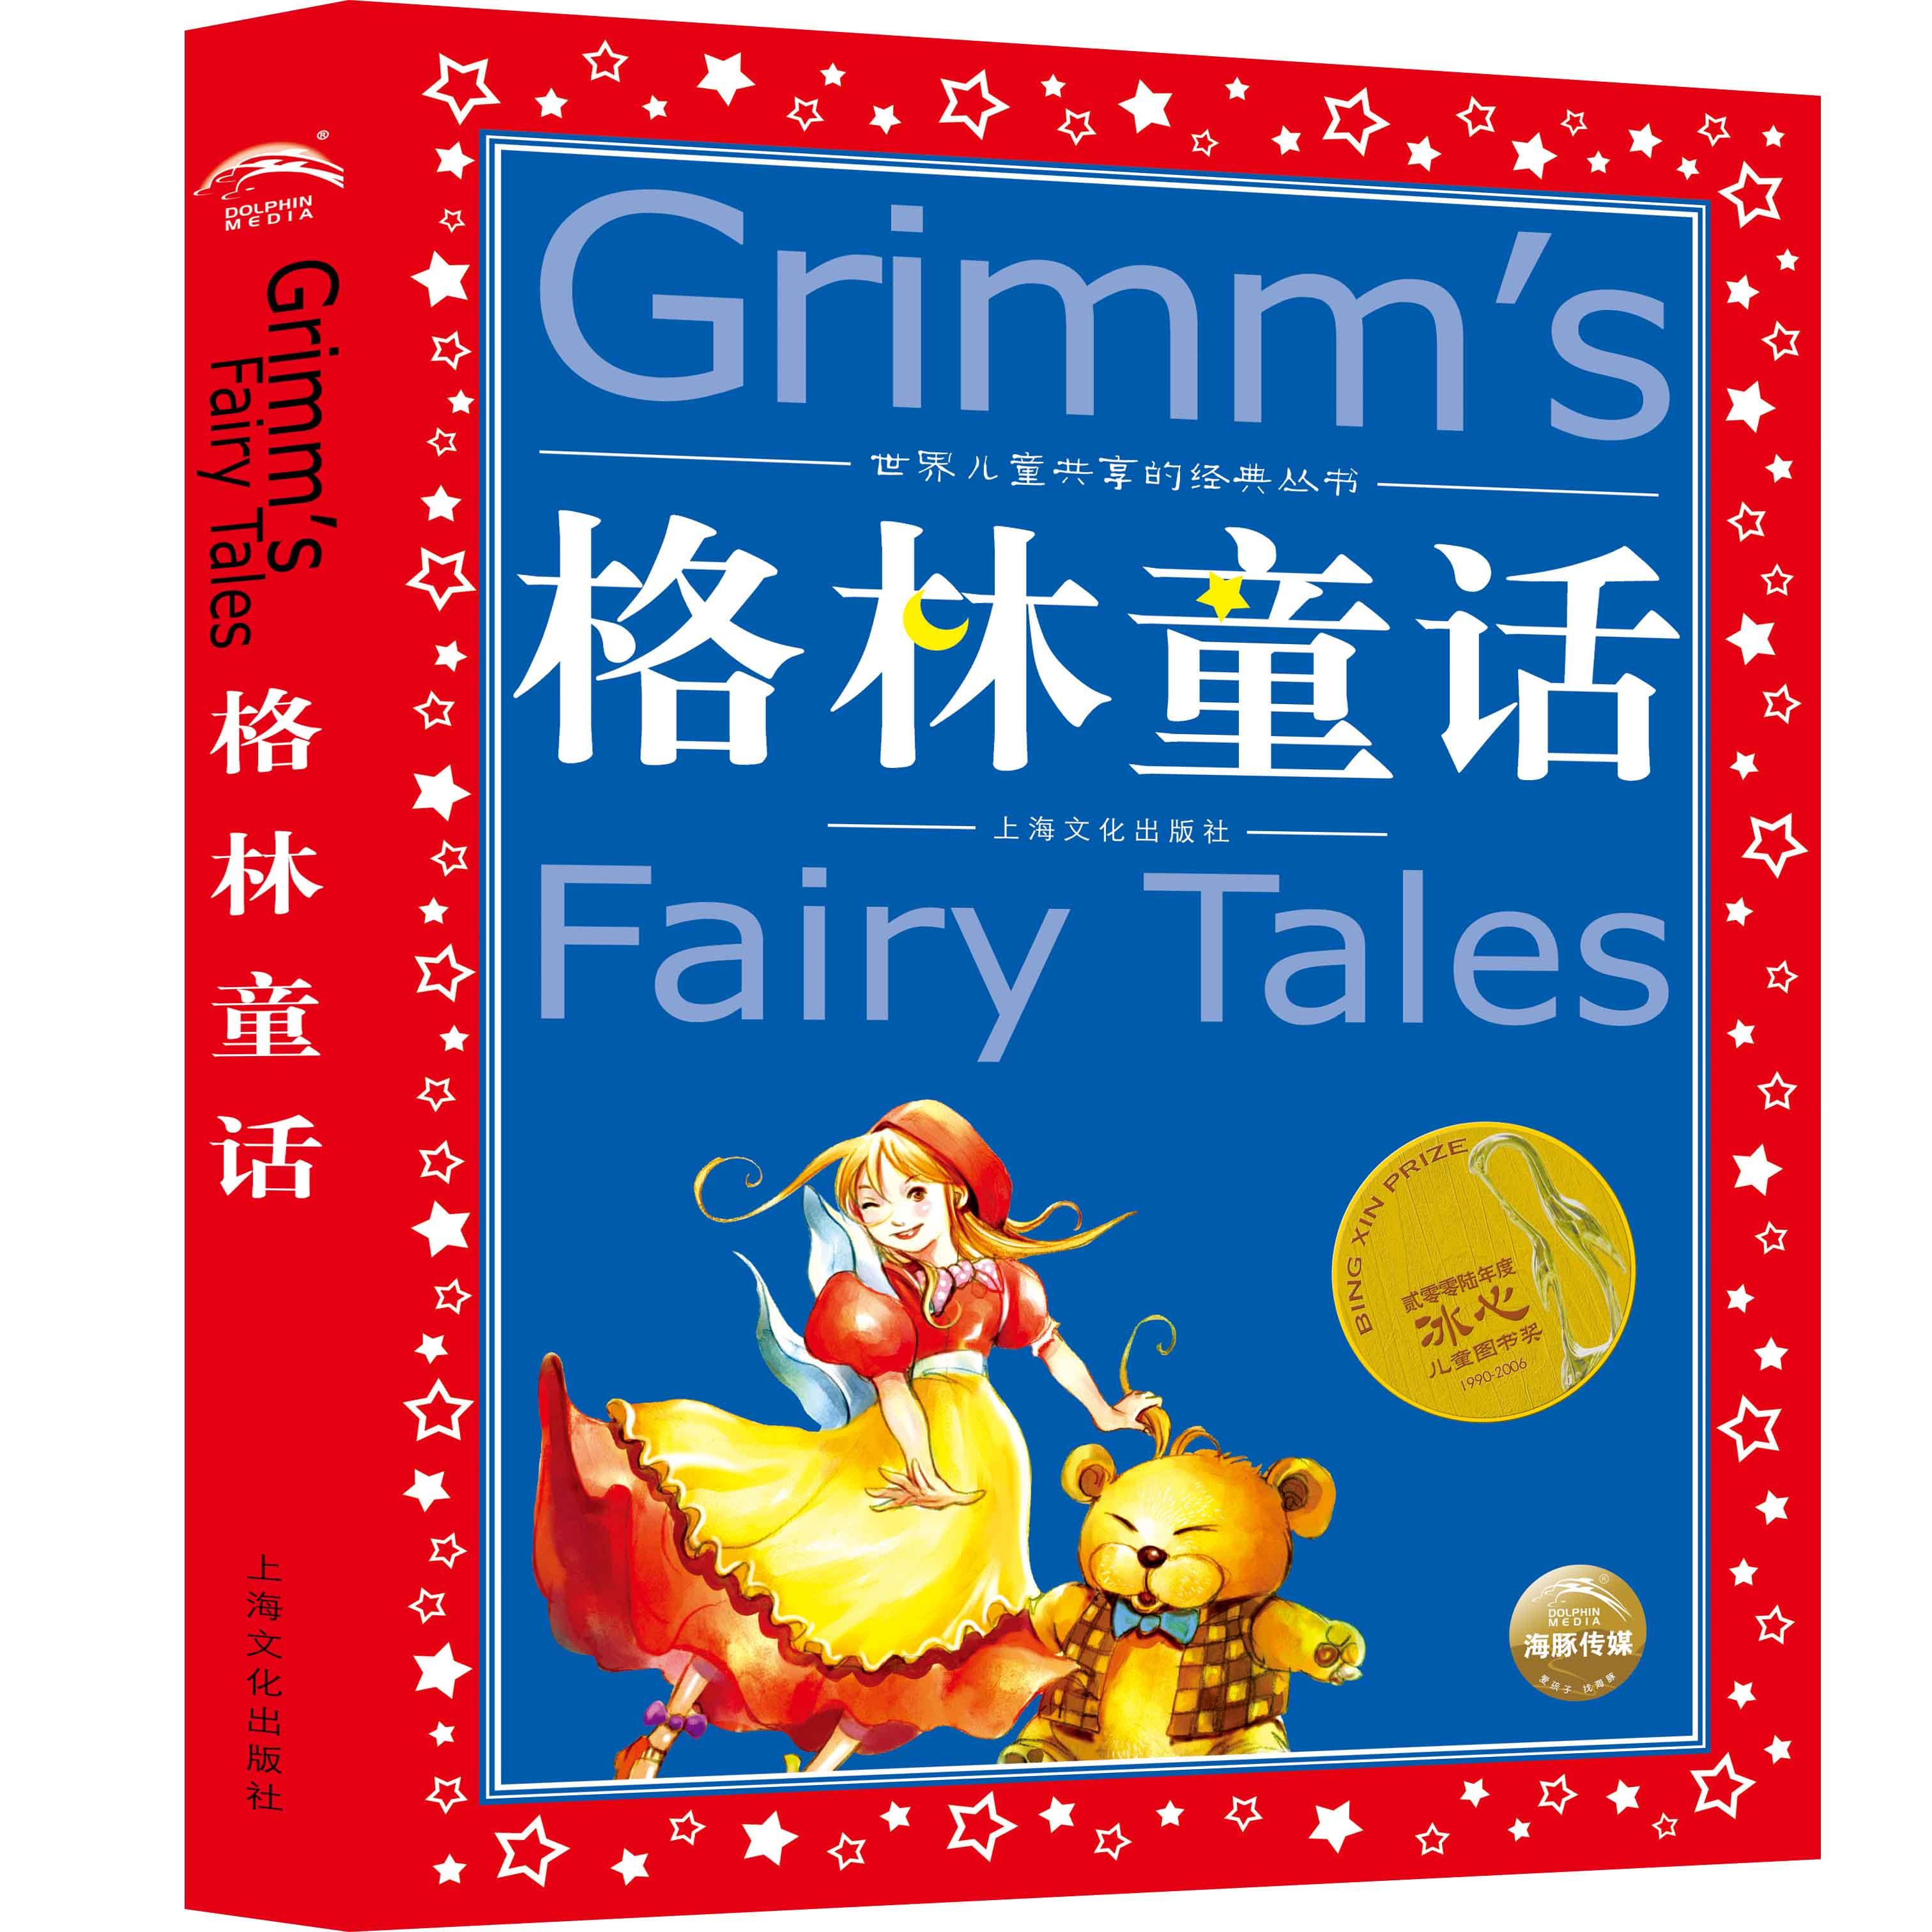 大开本彩图注音完整版 格林童话 儿童共享丛书  3-6-9岁婴幼儿童启蒙认知睡前10分钟亲子晚安故事图书籍